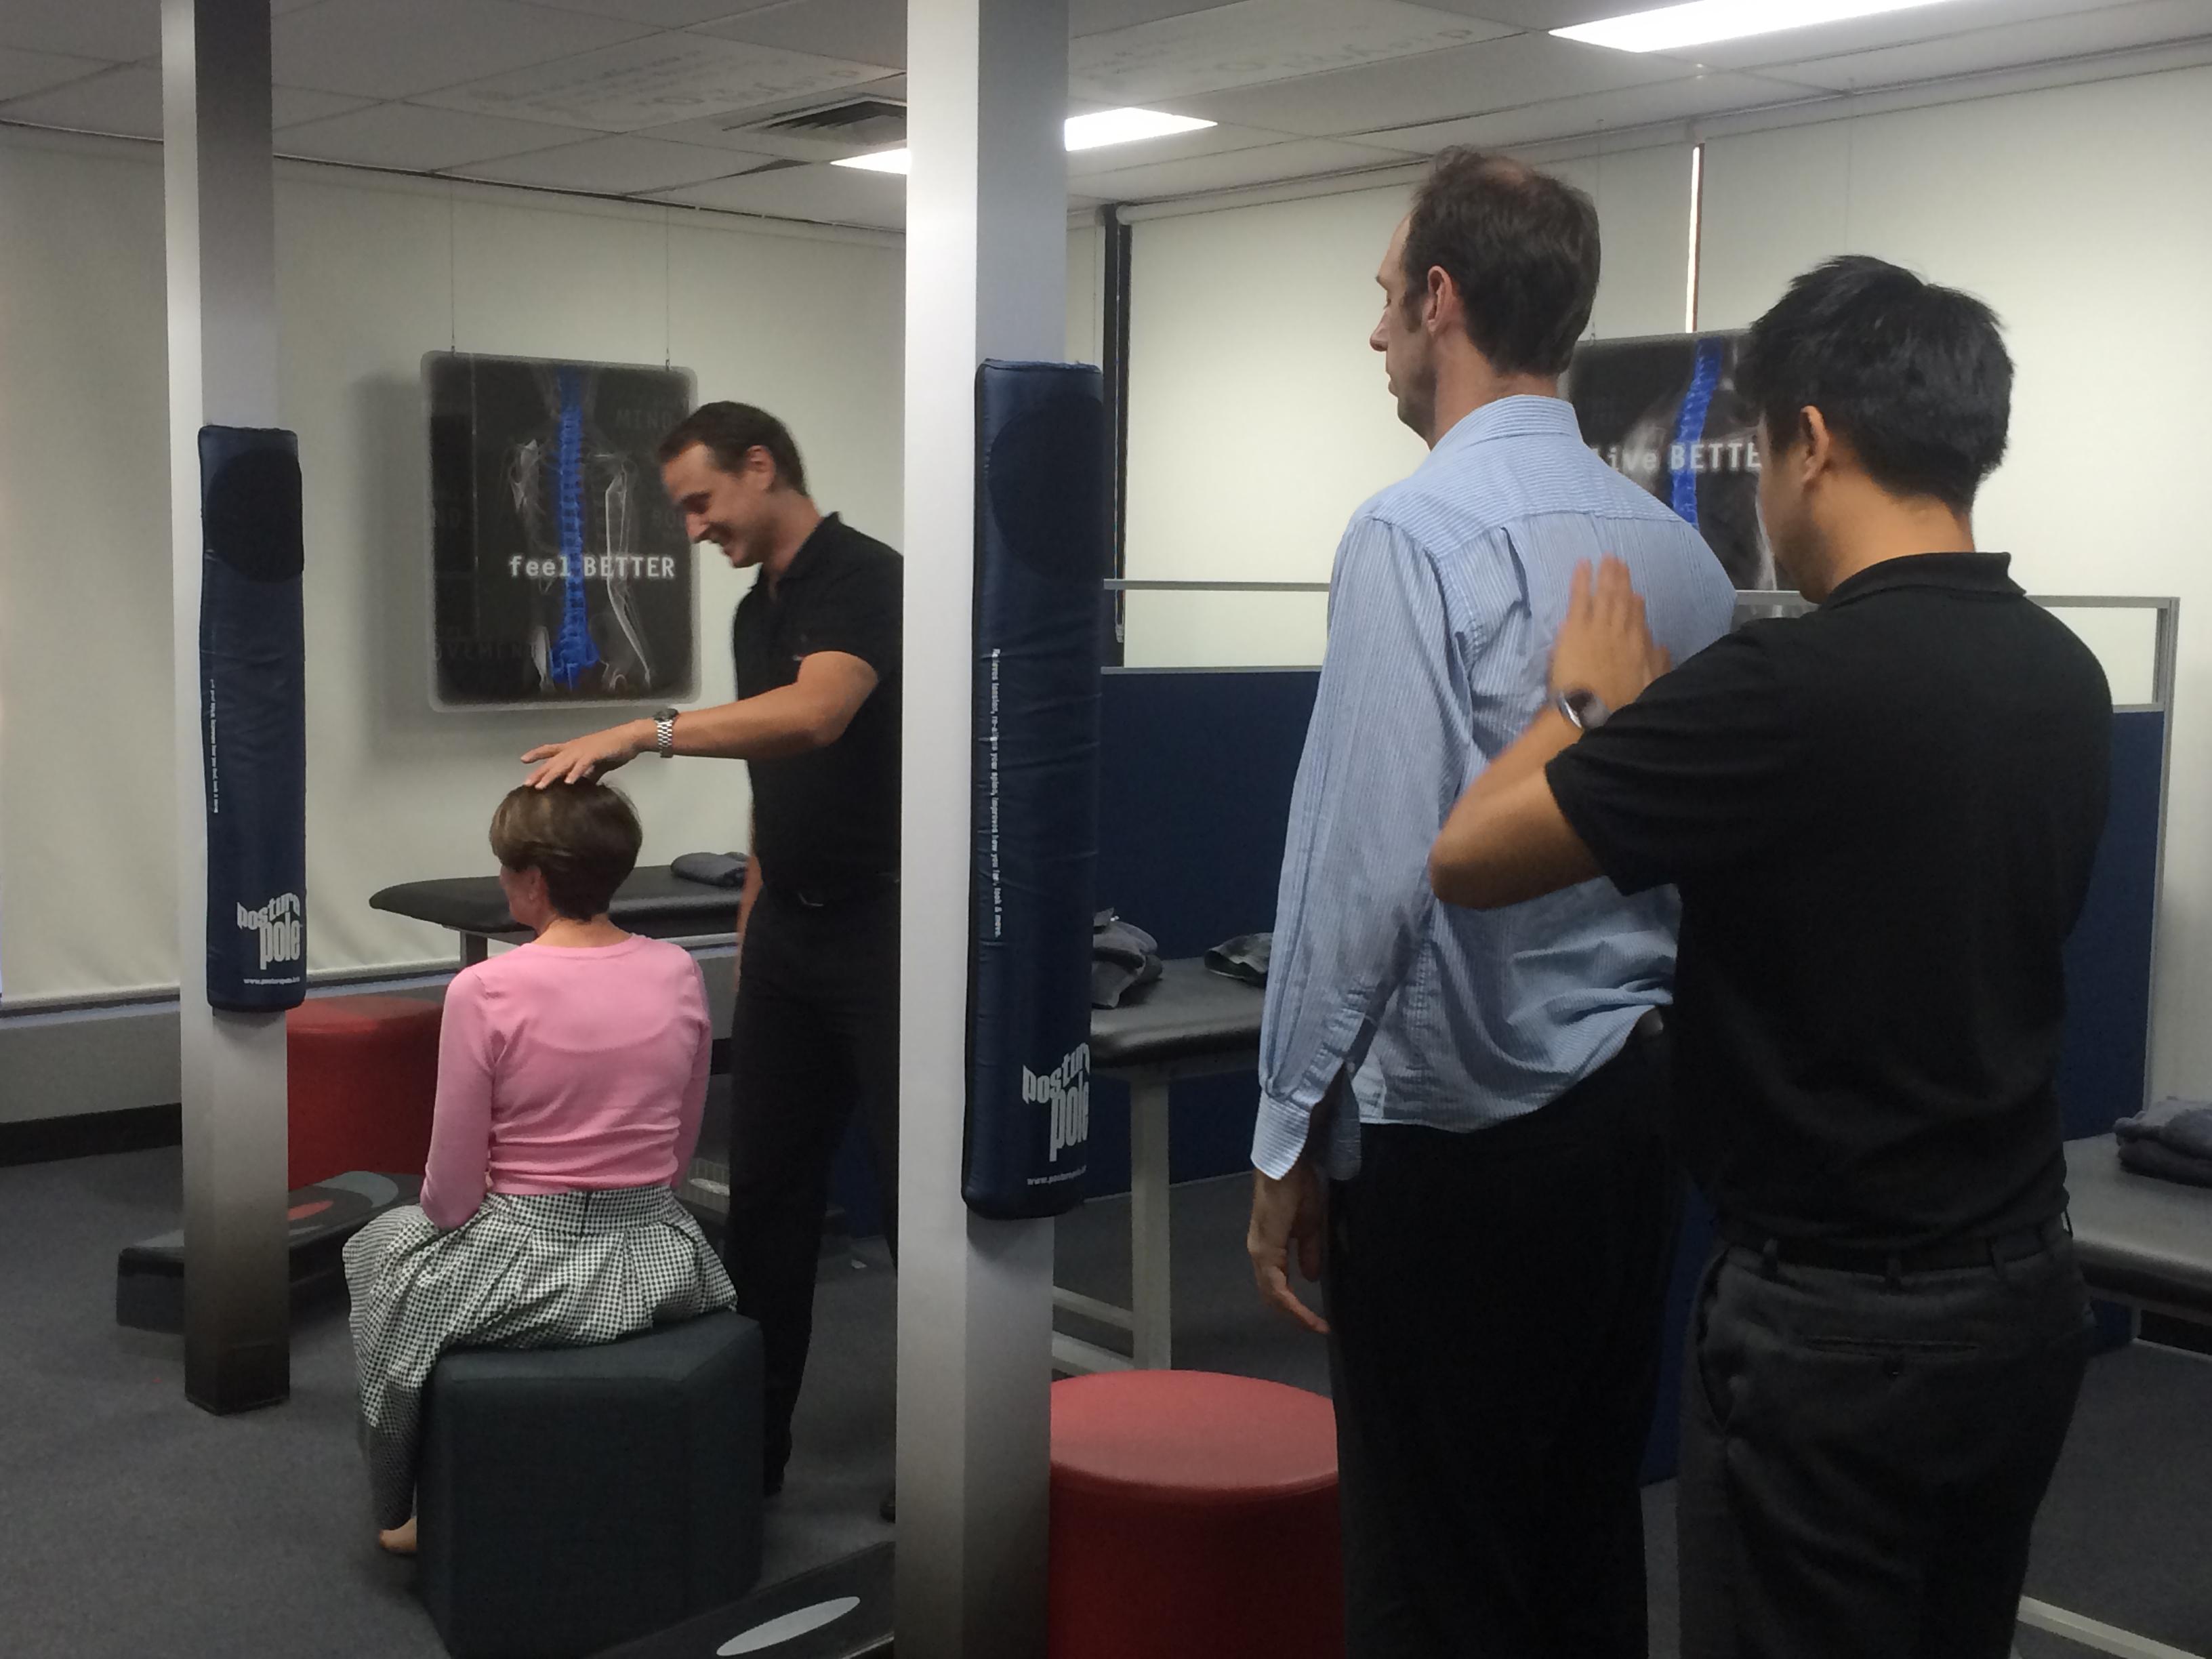 Spineandhealth-chiropractor-posture-crowsnest-northsydney-sydney